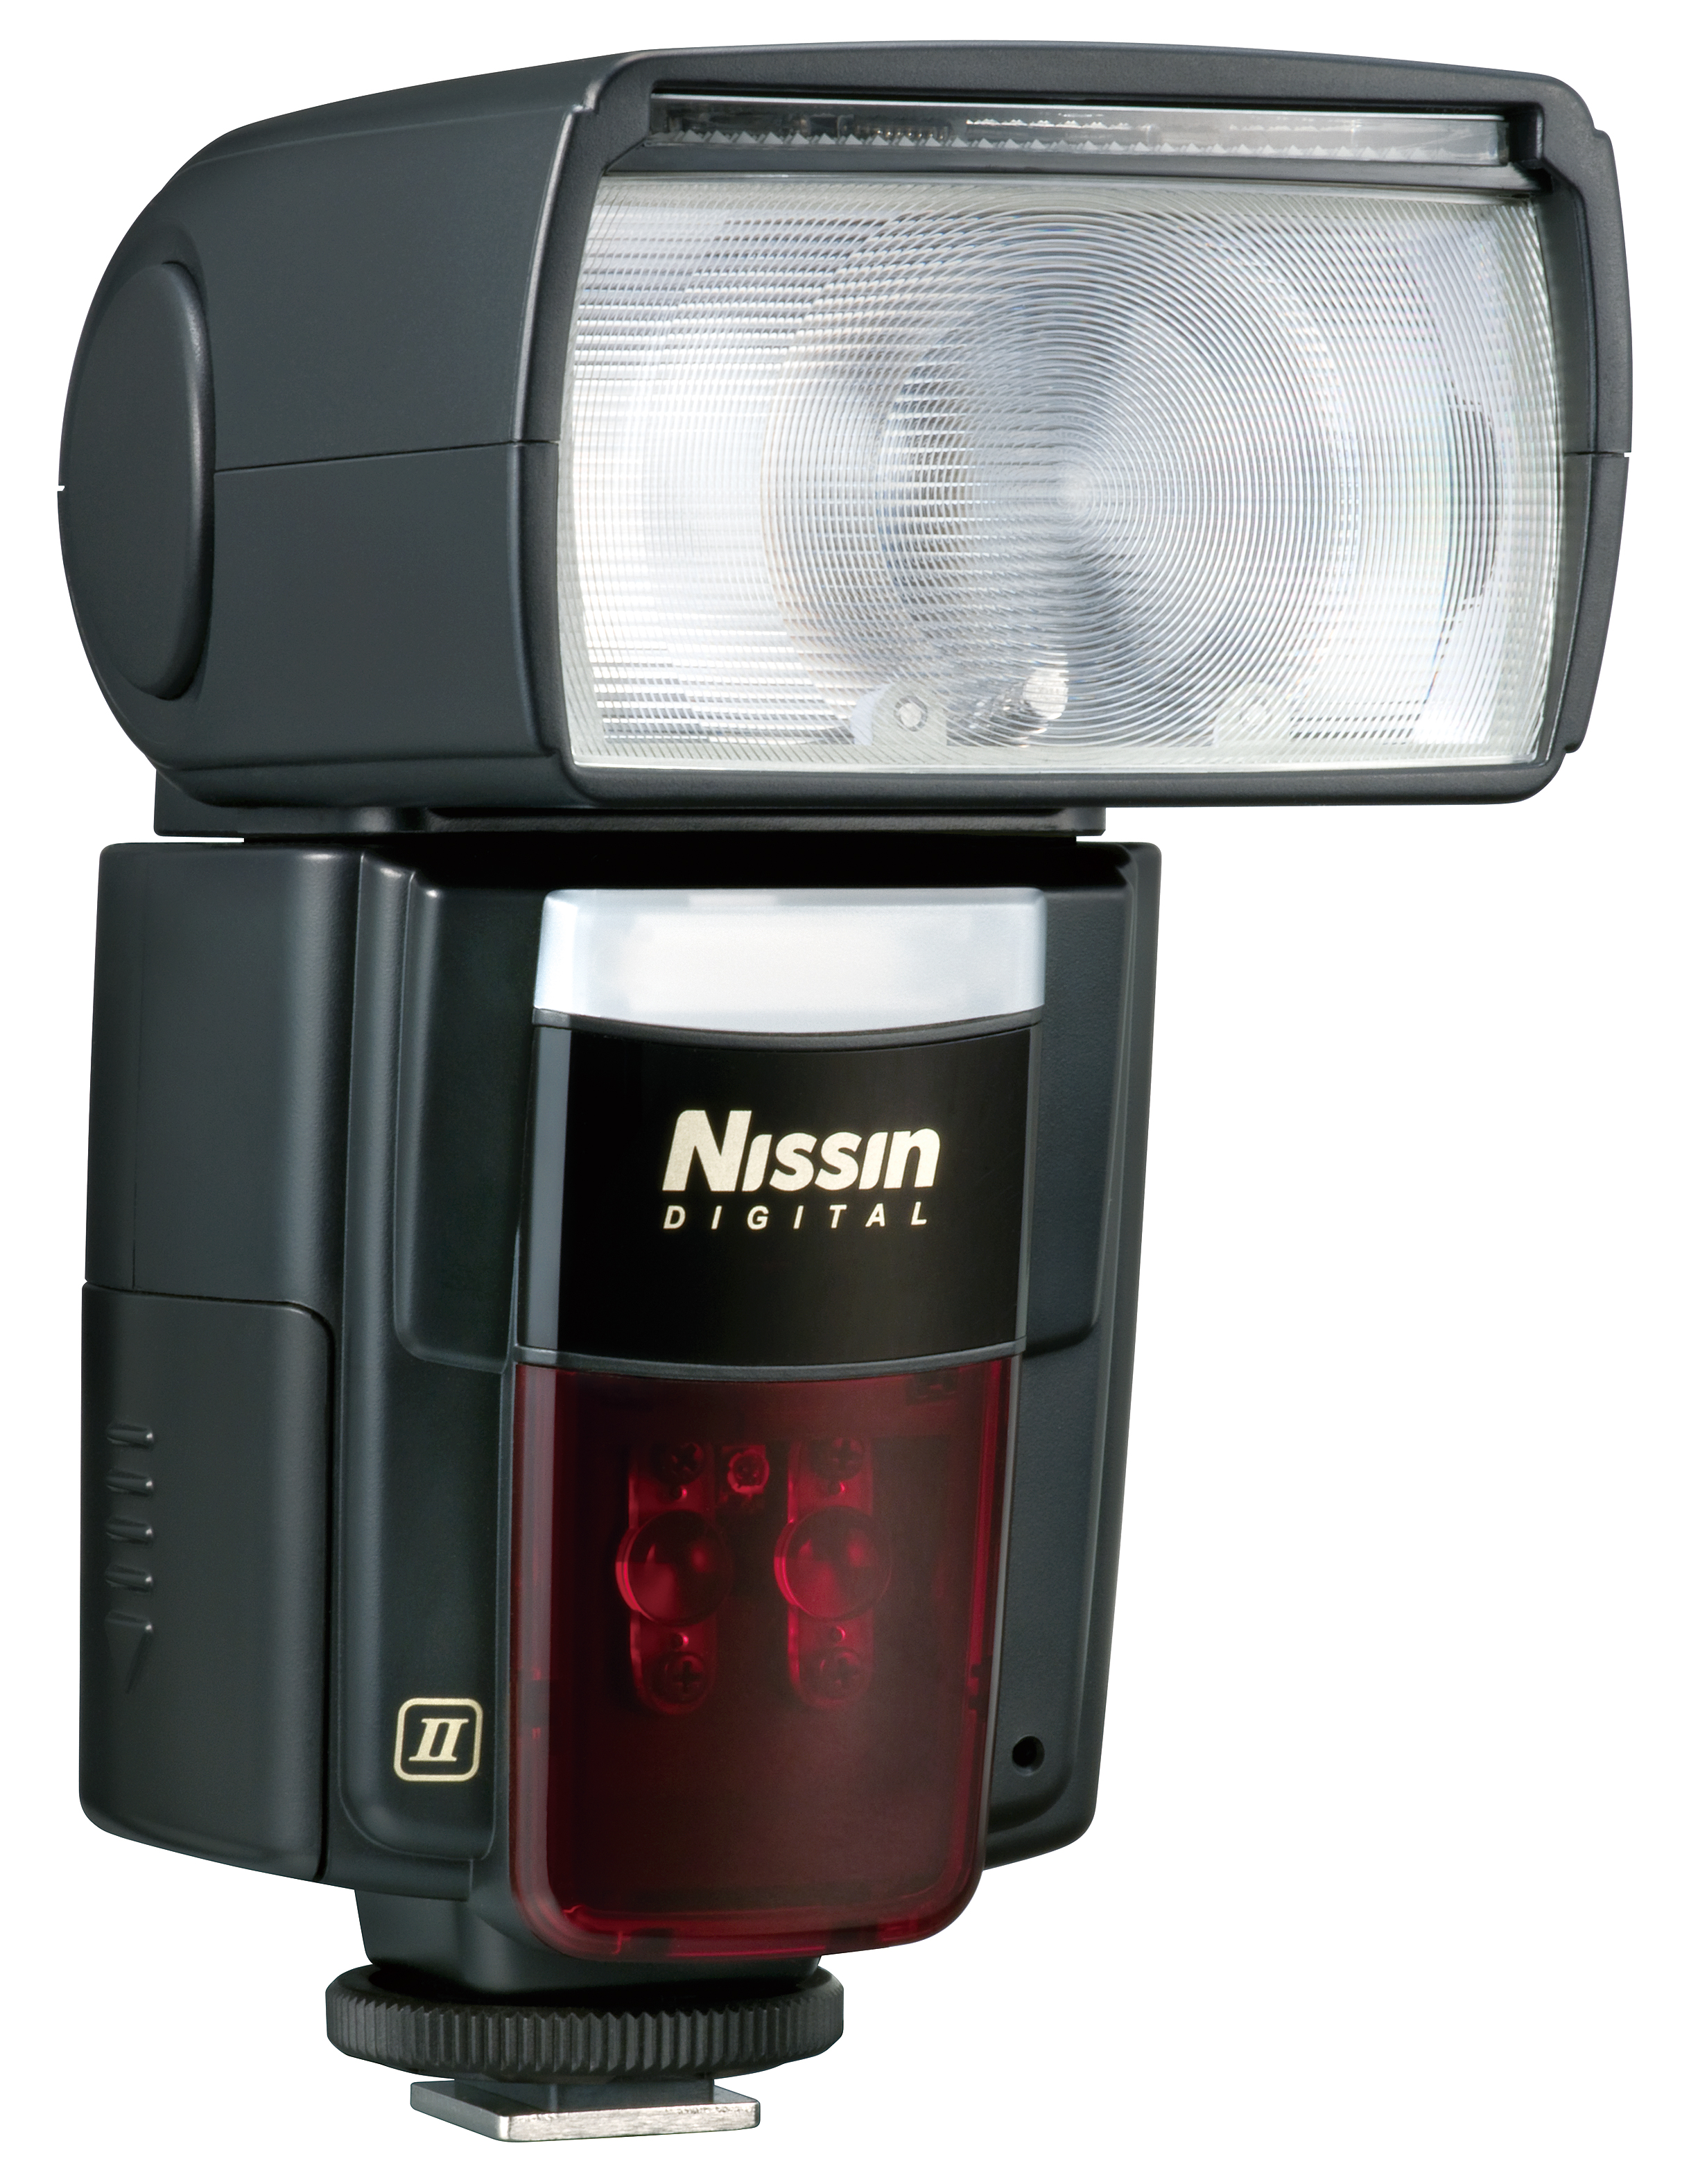 【Di866 MARK II】ニッシンAir1や、各カメラメーカー純正の電波式ワイヤレスTTLシステムでも使えますか?